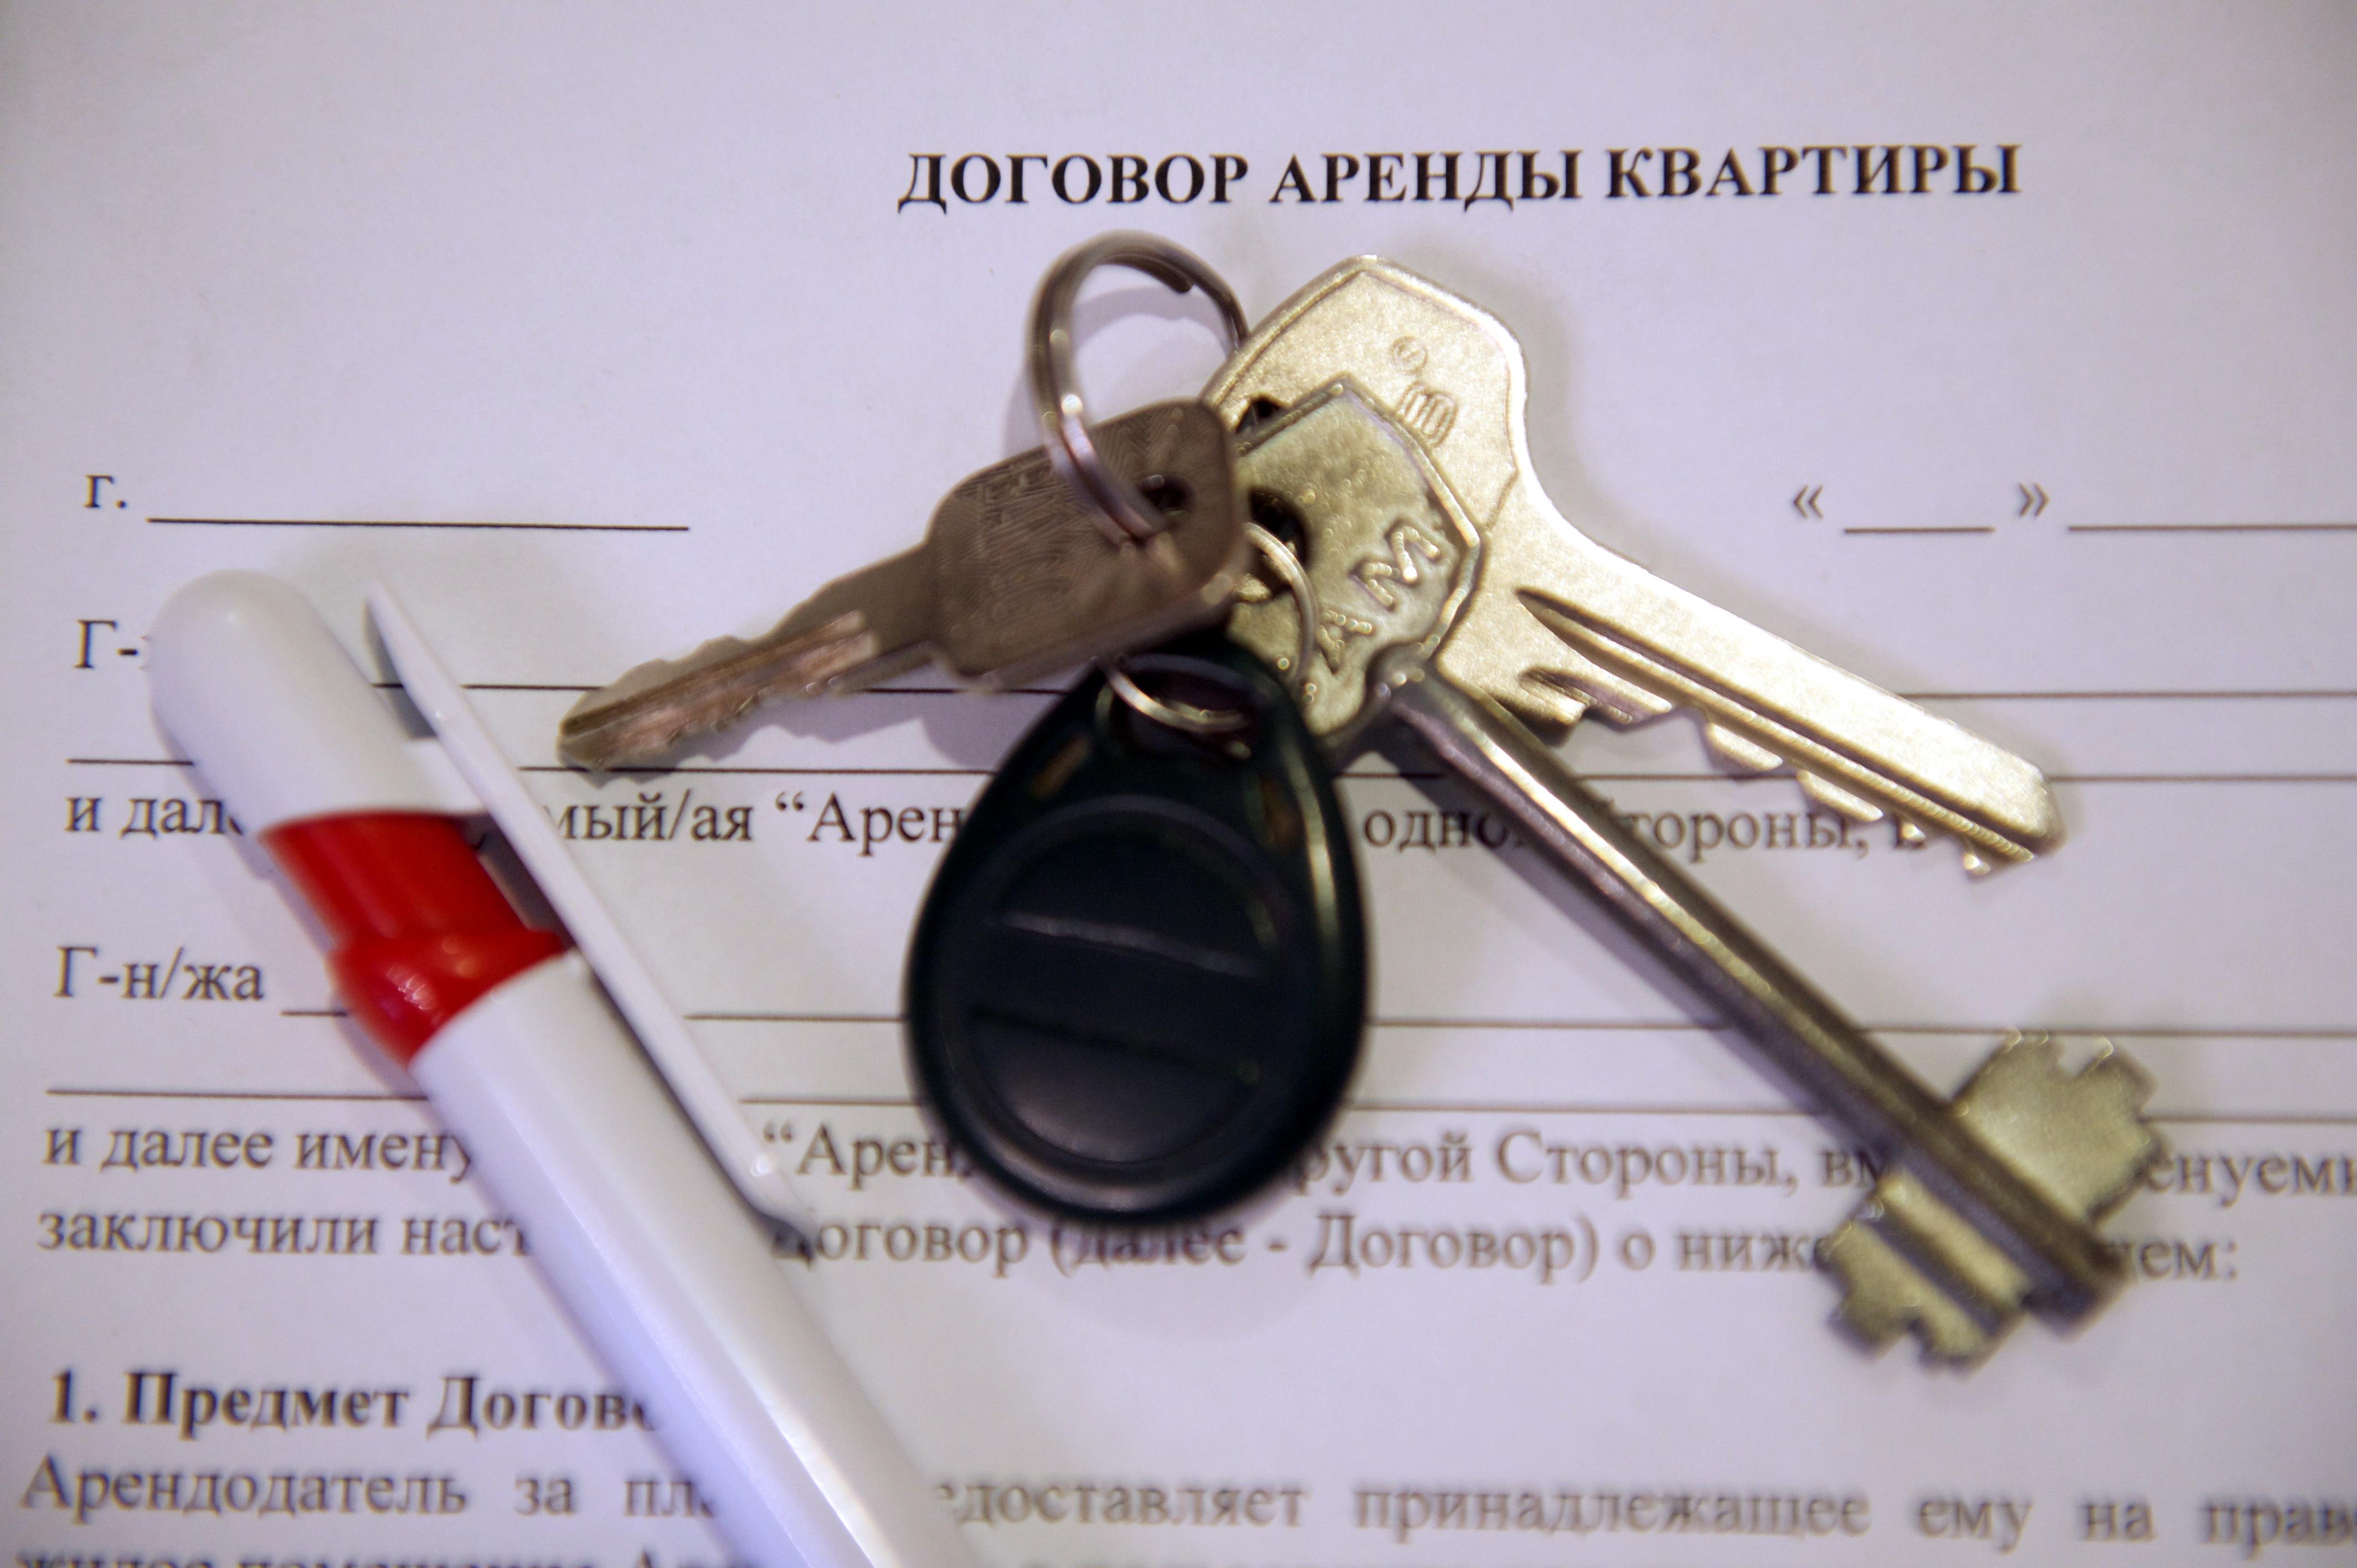 В России планируют усилить контроль за арендой жилья. Могут вырасти цены